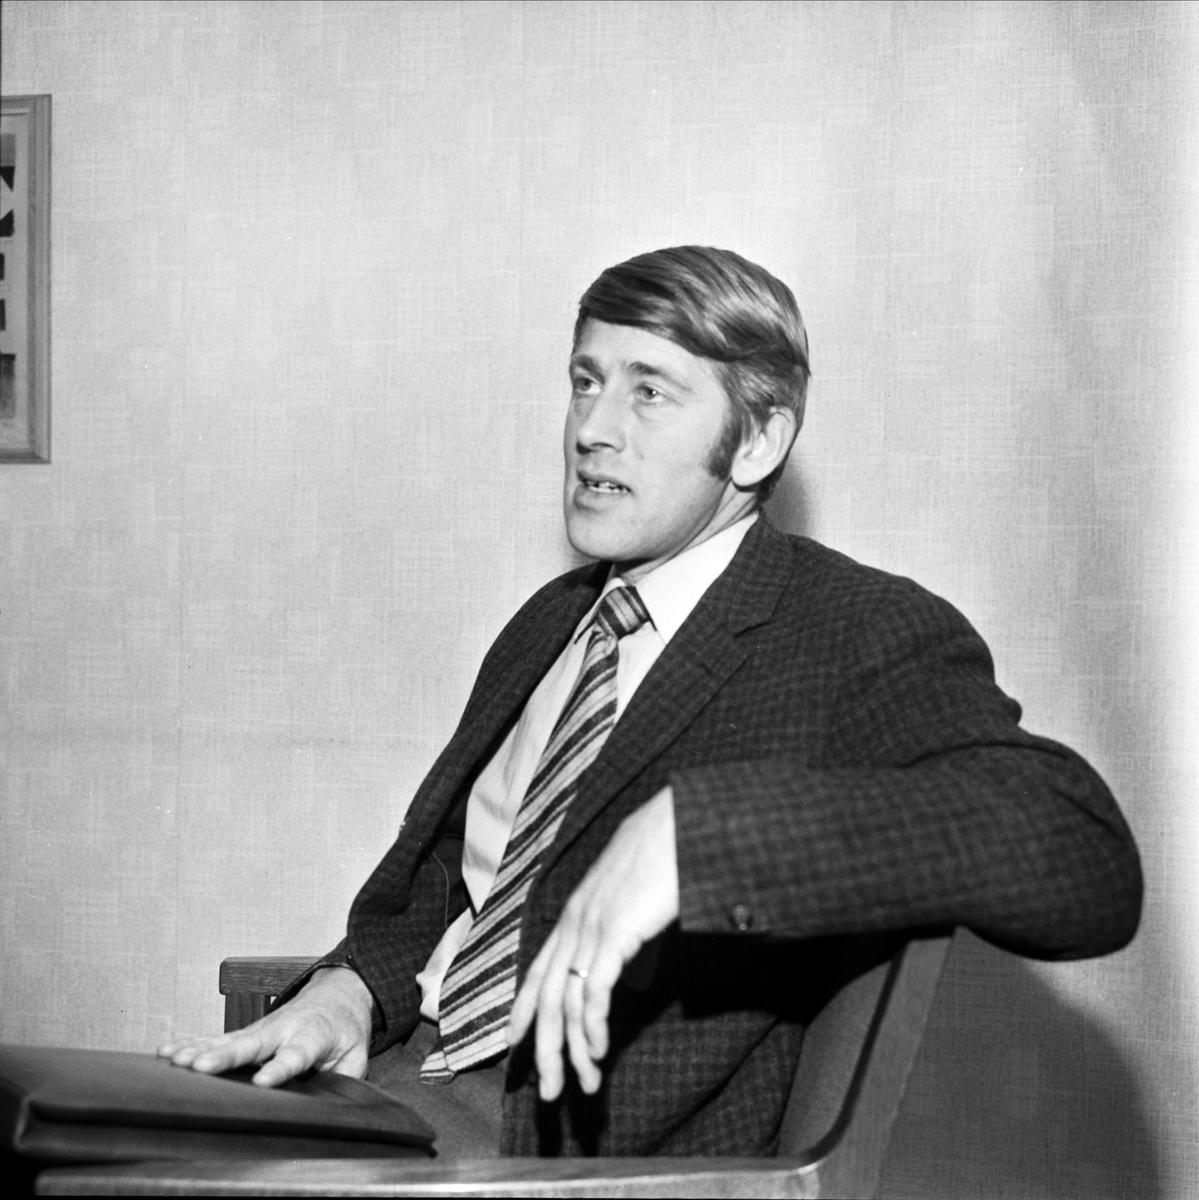 Läkaren Mats Holmer, Söderfors, Uppland 1973